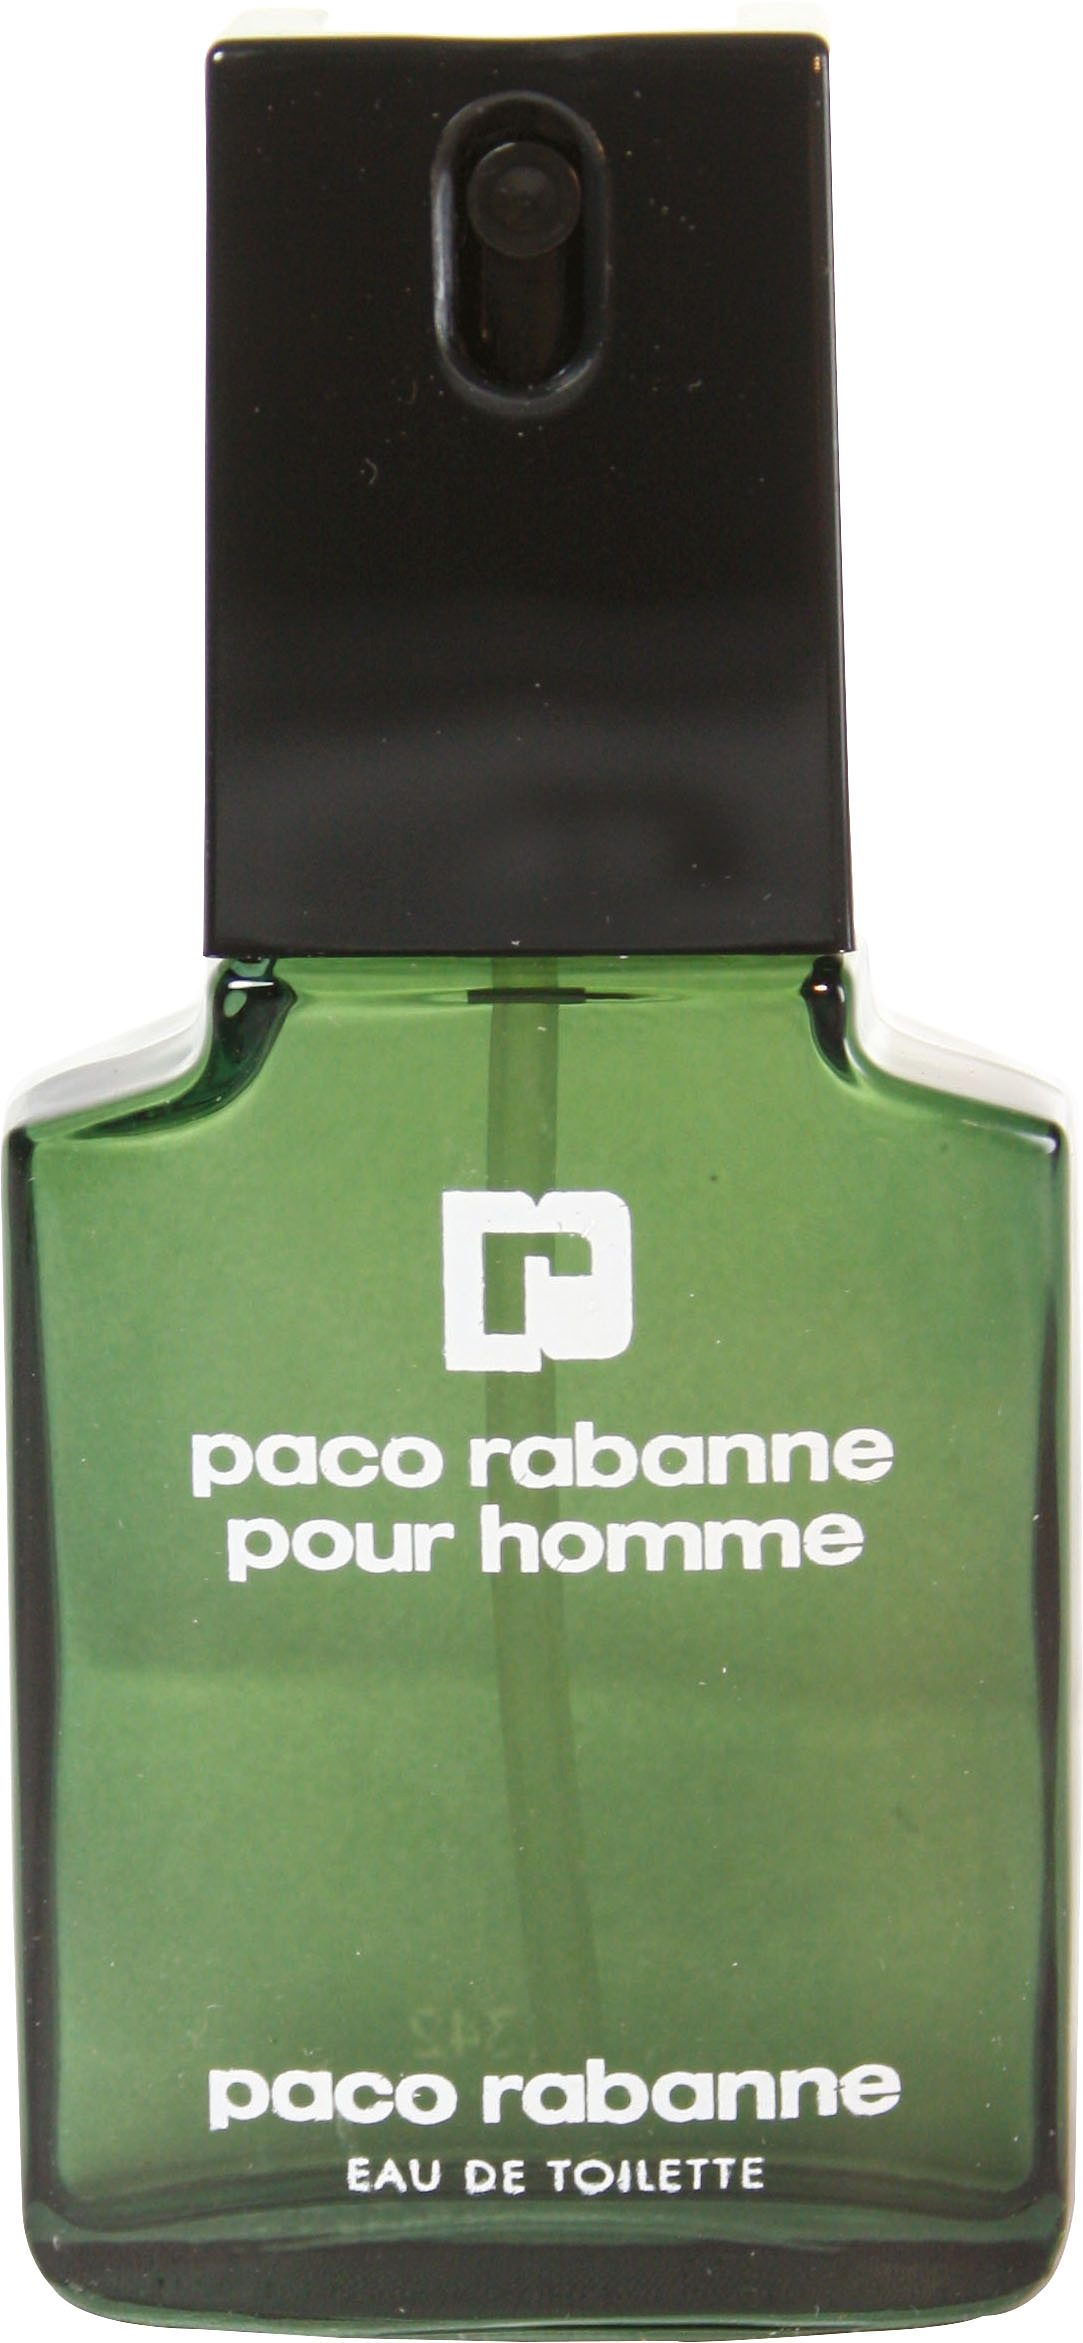 Paco Rabanne, »Pour Homme«, Eau de Toilette